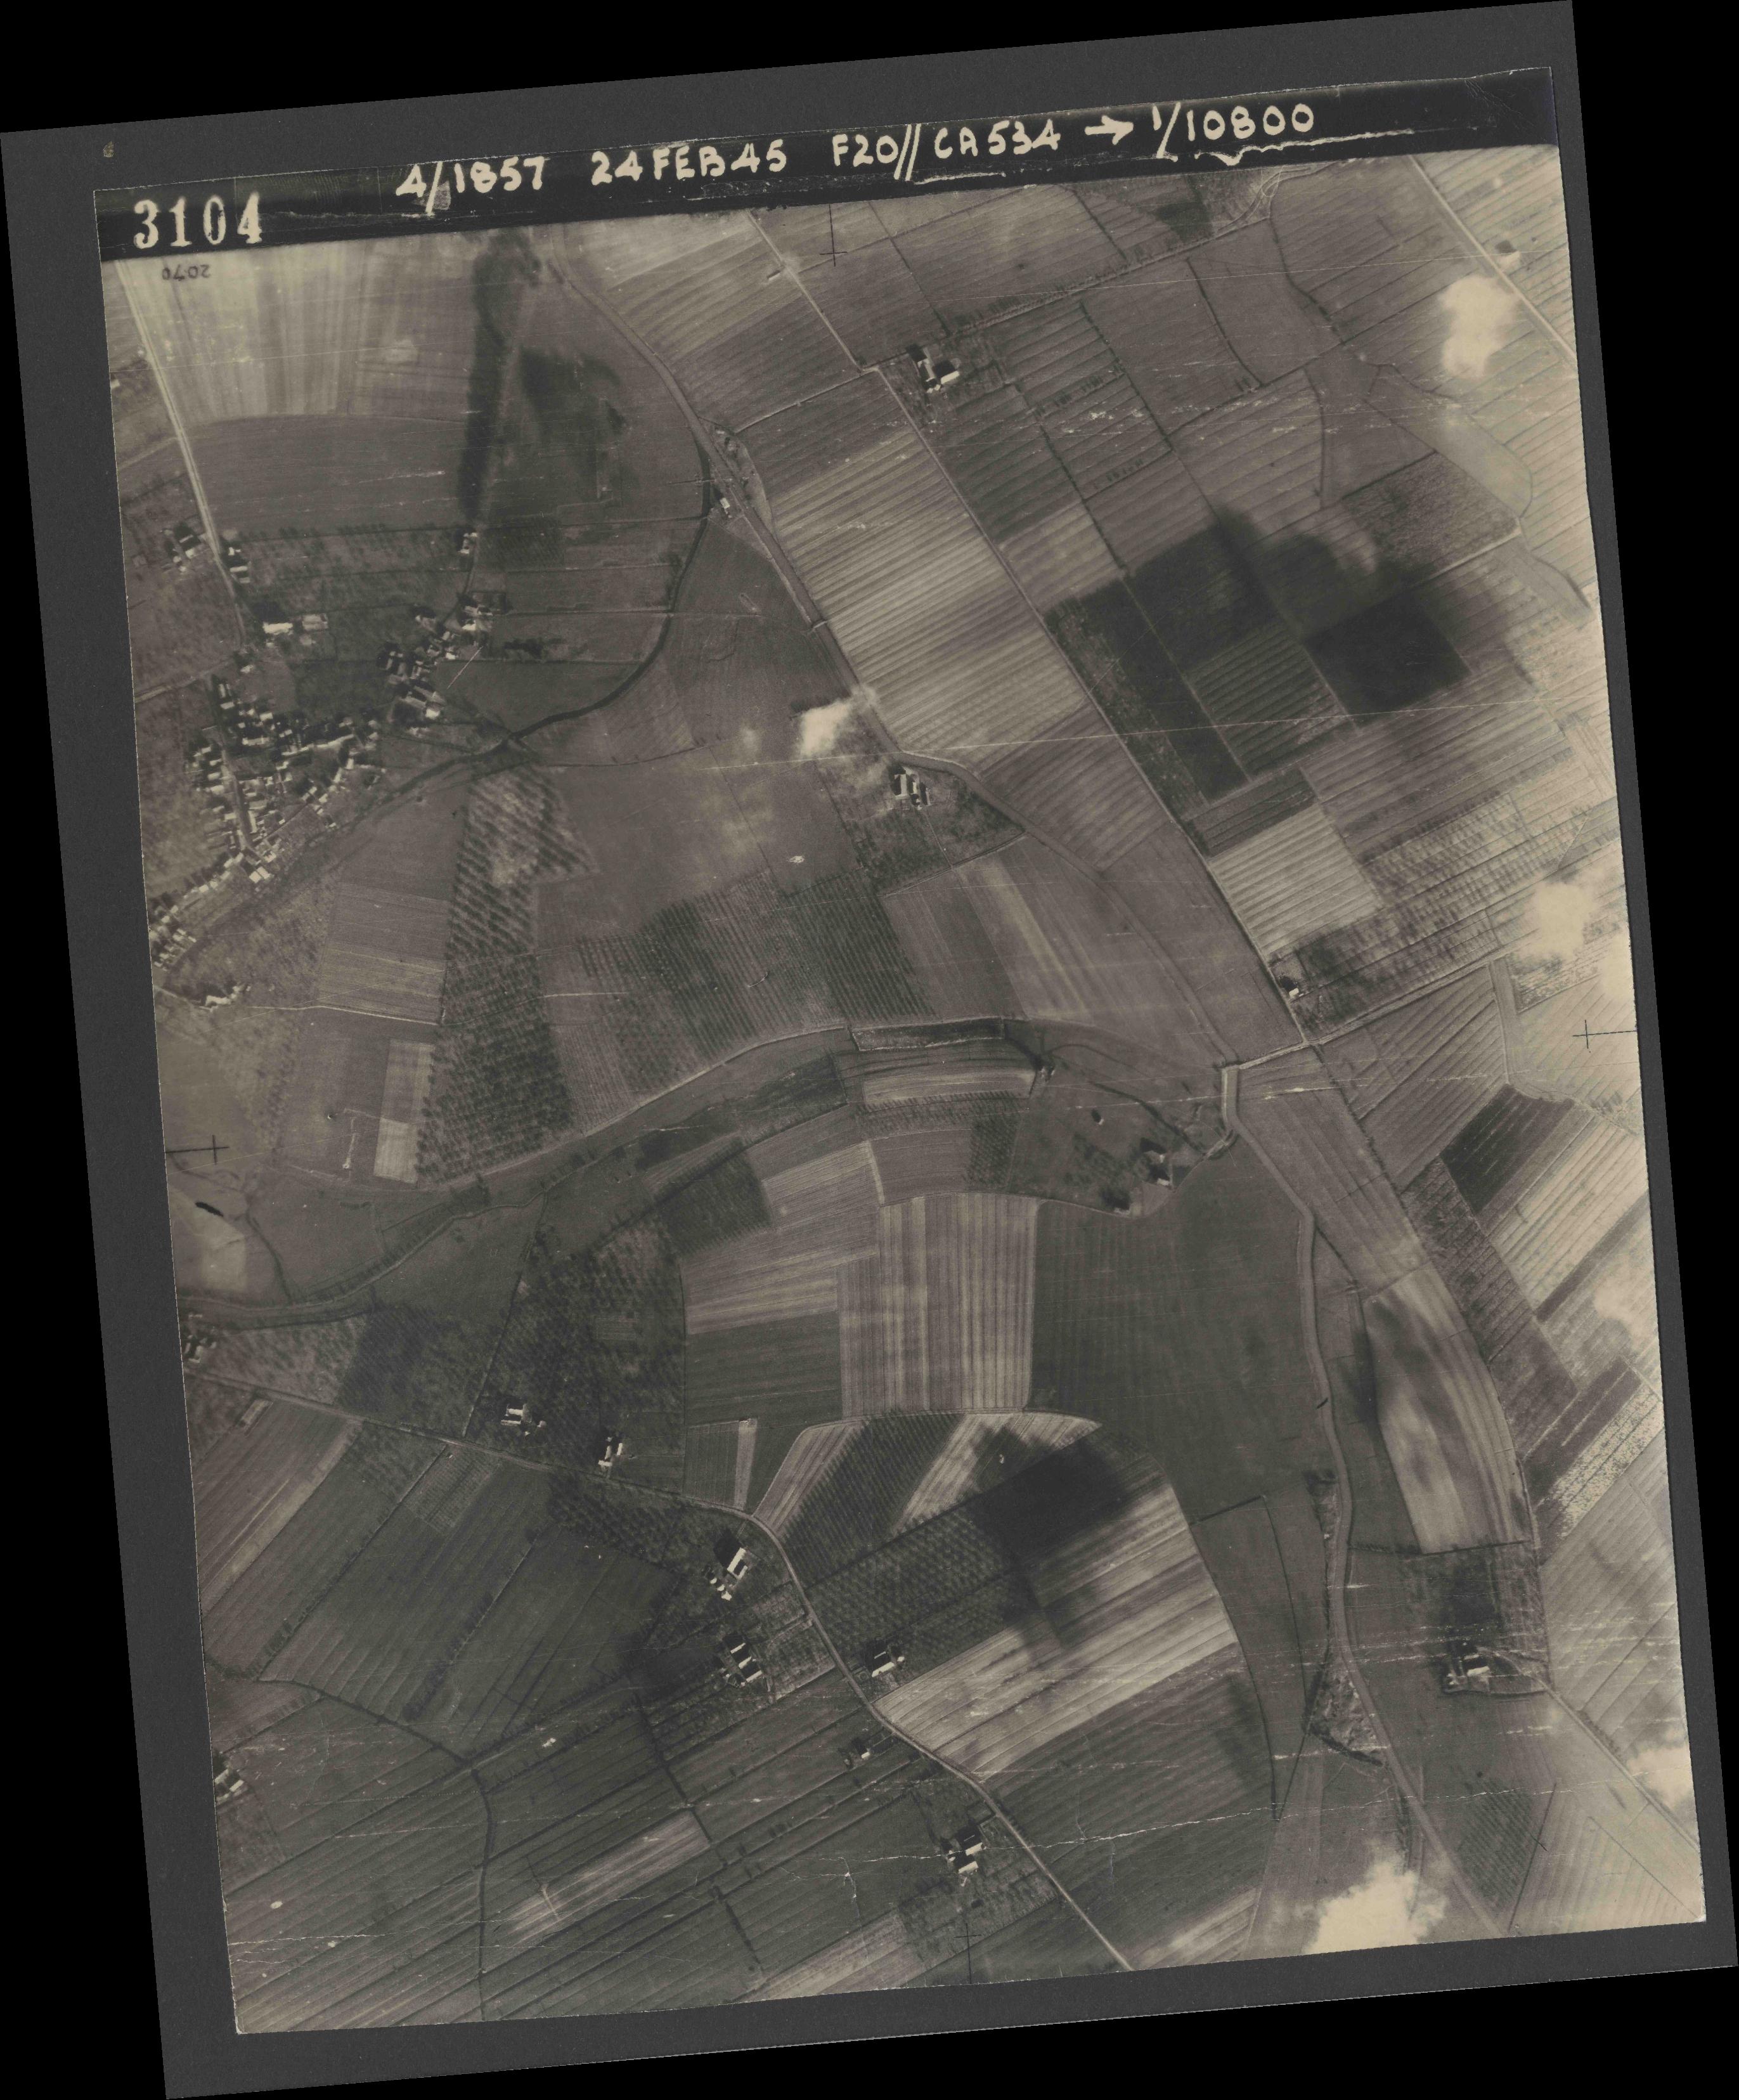 Collection RAF aerial photos 1940-1945 - flight 073, run 02, photo 3104